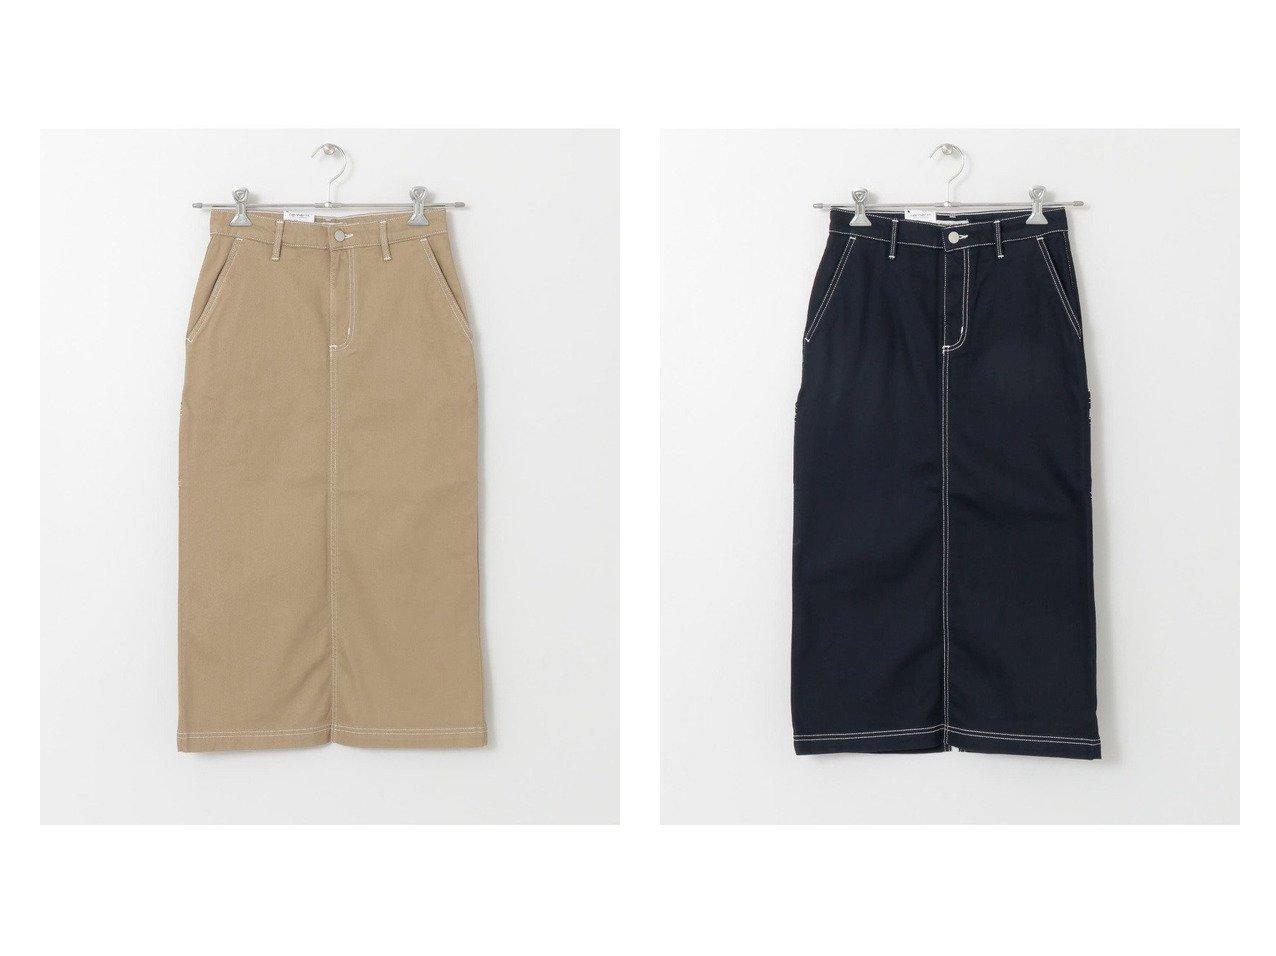 【Sonny Label / URBAN RESEARCH/サニーレーベル】のCARHARTT W PIERCE SKIRT スカートのおすすめ!人気、トレンド・レディースファッションの通販  おすすめで人気の流行・トレンド、ファッションの通販商品 メンズファッション・キッズファッション・インテリア・家具・レディースファッション・服の通販 founy(ファニー) https://founy.com/ ファッション Fashion レディースファッション WOMEN スカート Skirt スタンダード デニム ポケット ワーク |ID:crp329100000009688